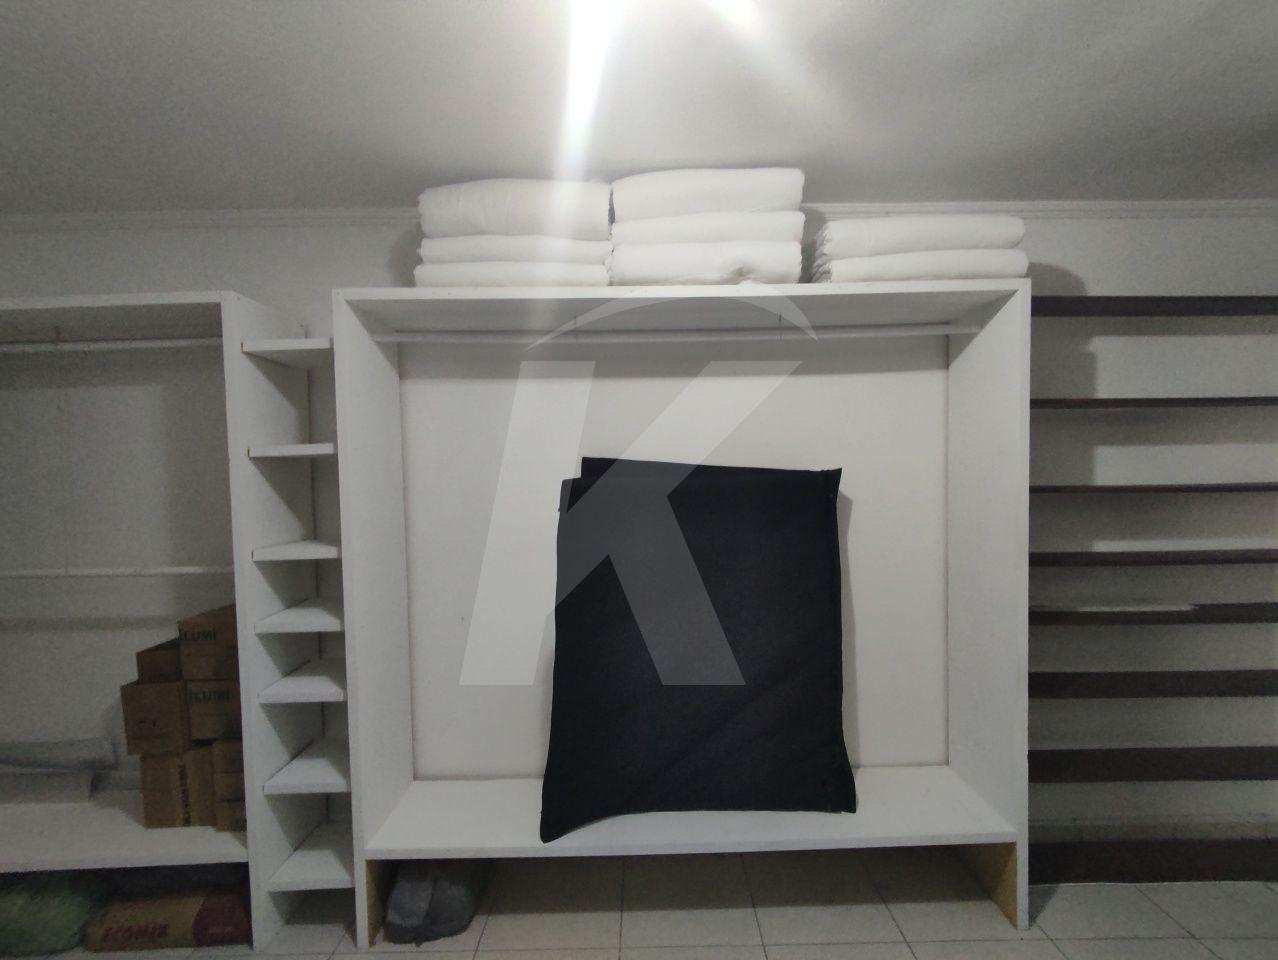 Casa  Vila Gustavo - 1 Dormitório(s) - São Paulo - SP - REF. KA6440